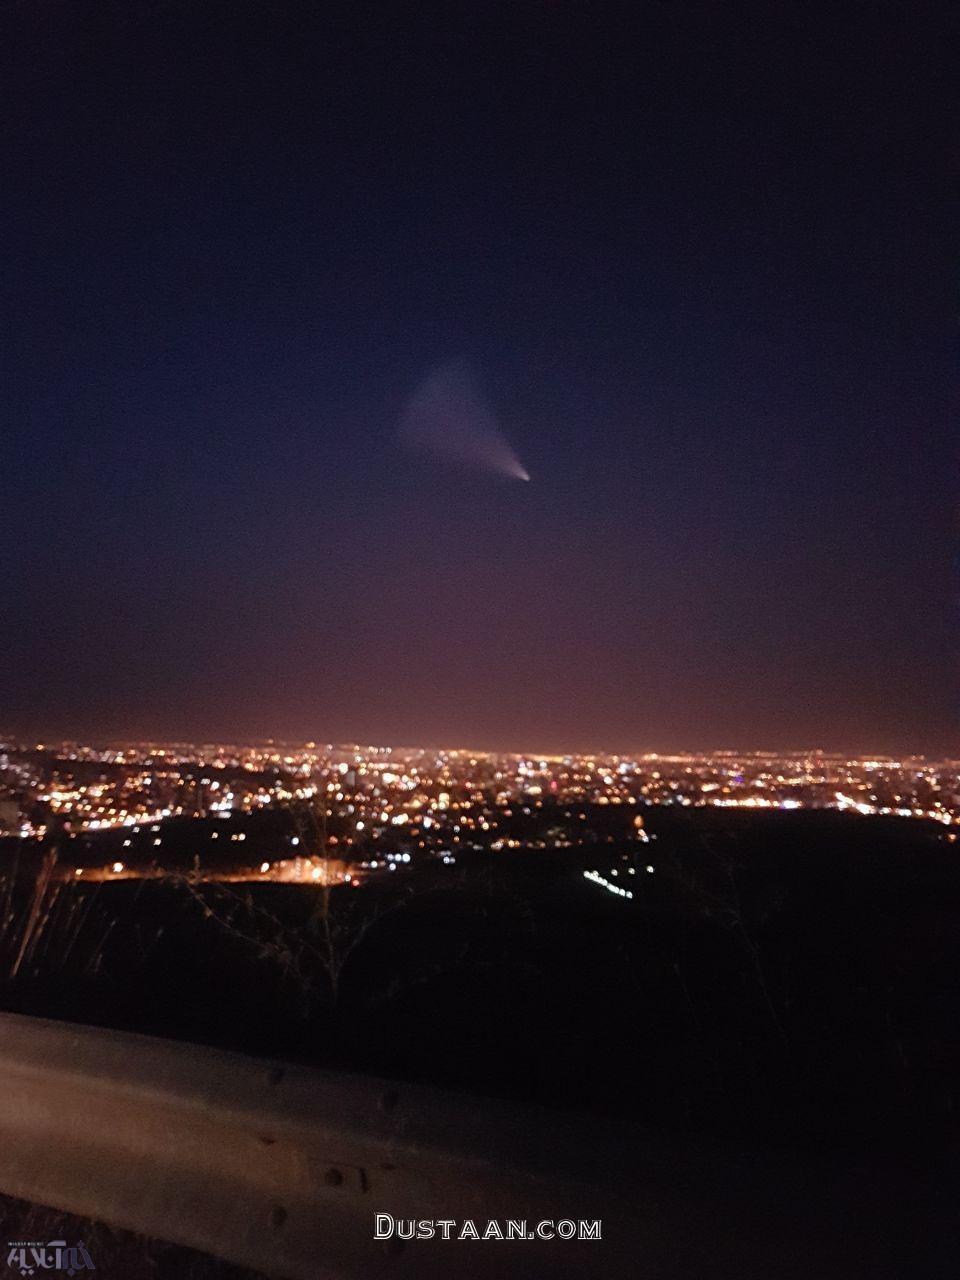 www.dustaan.com ماجرای مشاهده شی نورانی ناشناخته در آسمان ارومیه +تصاویر